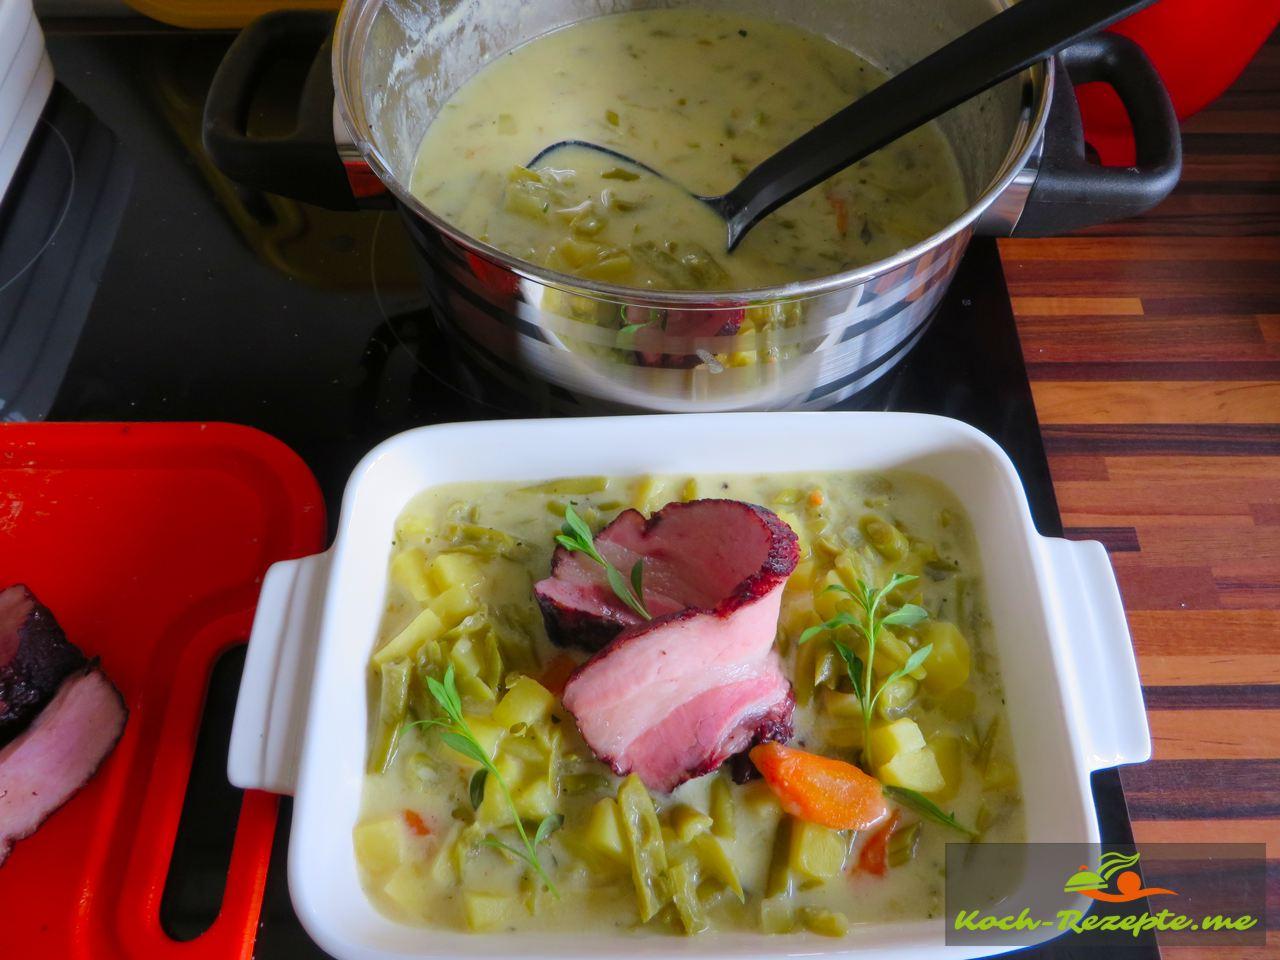 Grüne Bohnen-Buttermilch Suppe mit Katenrauch Bauchspeck.